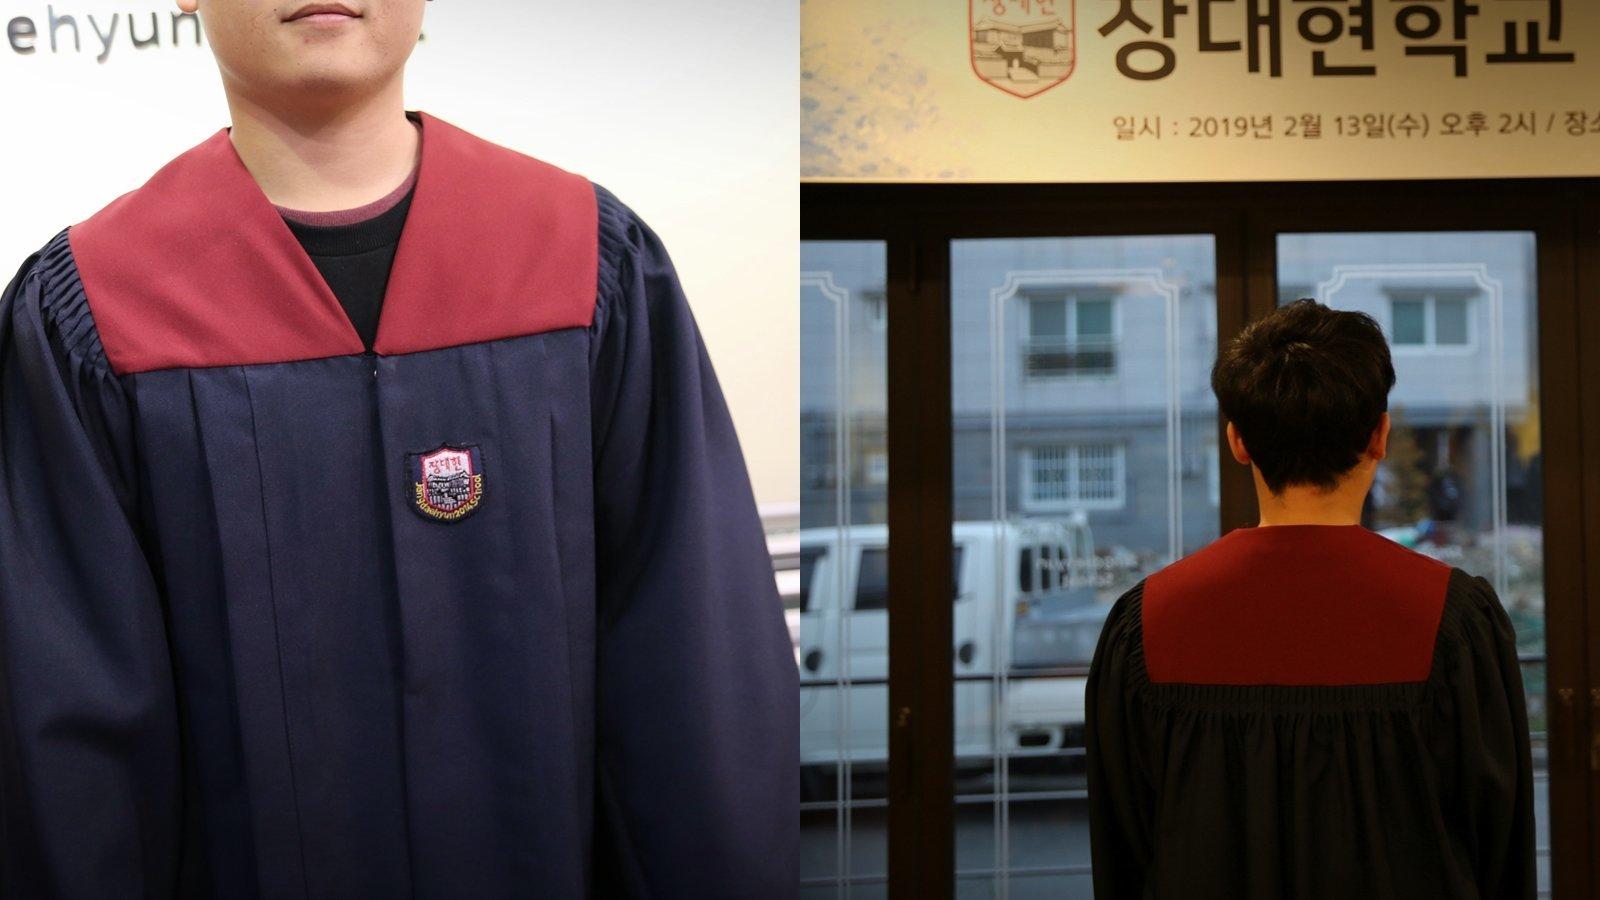 한철은 곧 진학할 대학에서 국제관계학을 전공해, 통일 후 북쪽의 대학에서 교수로 일하는 것이